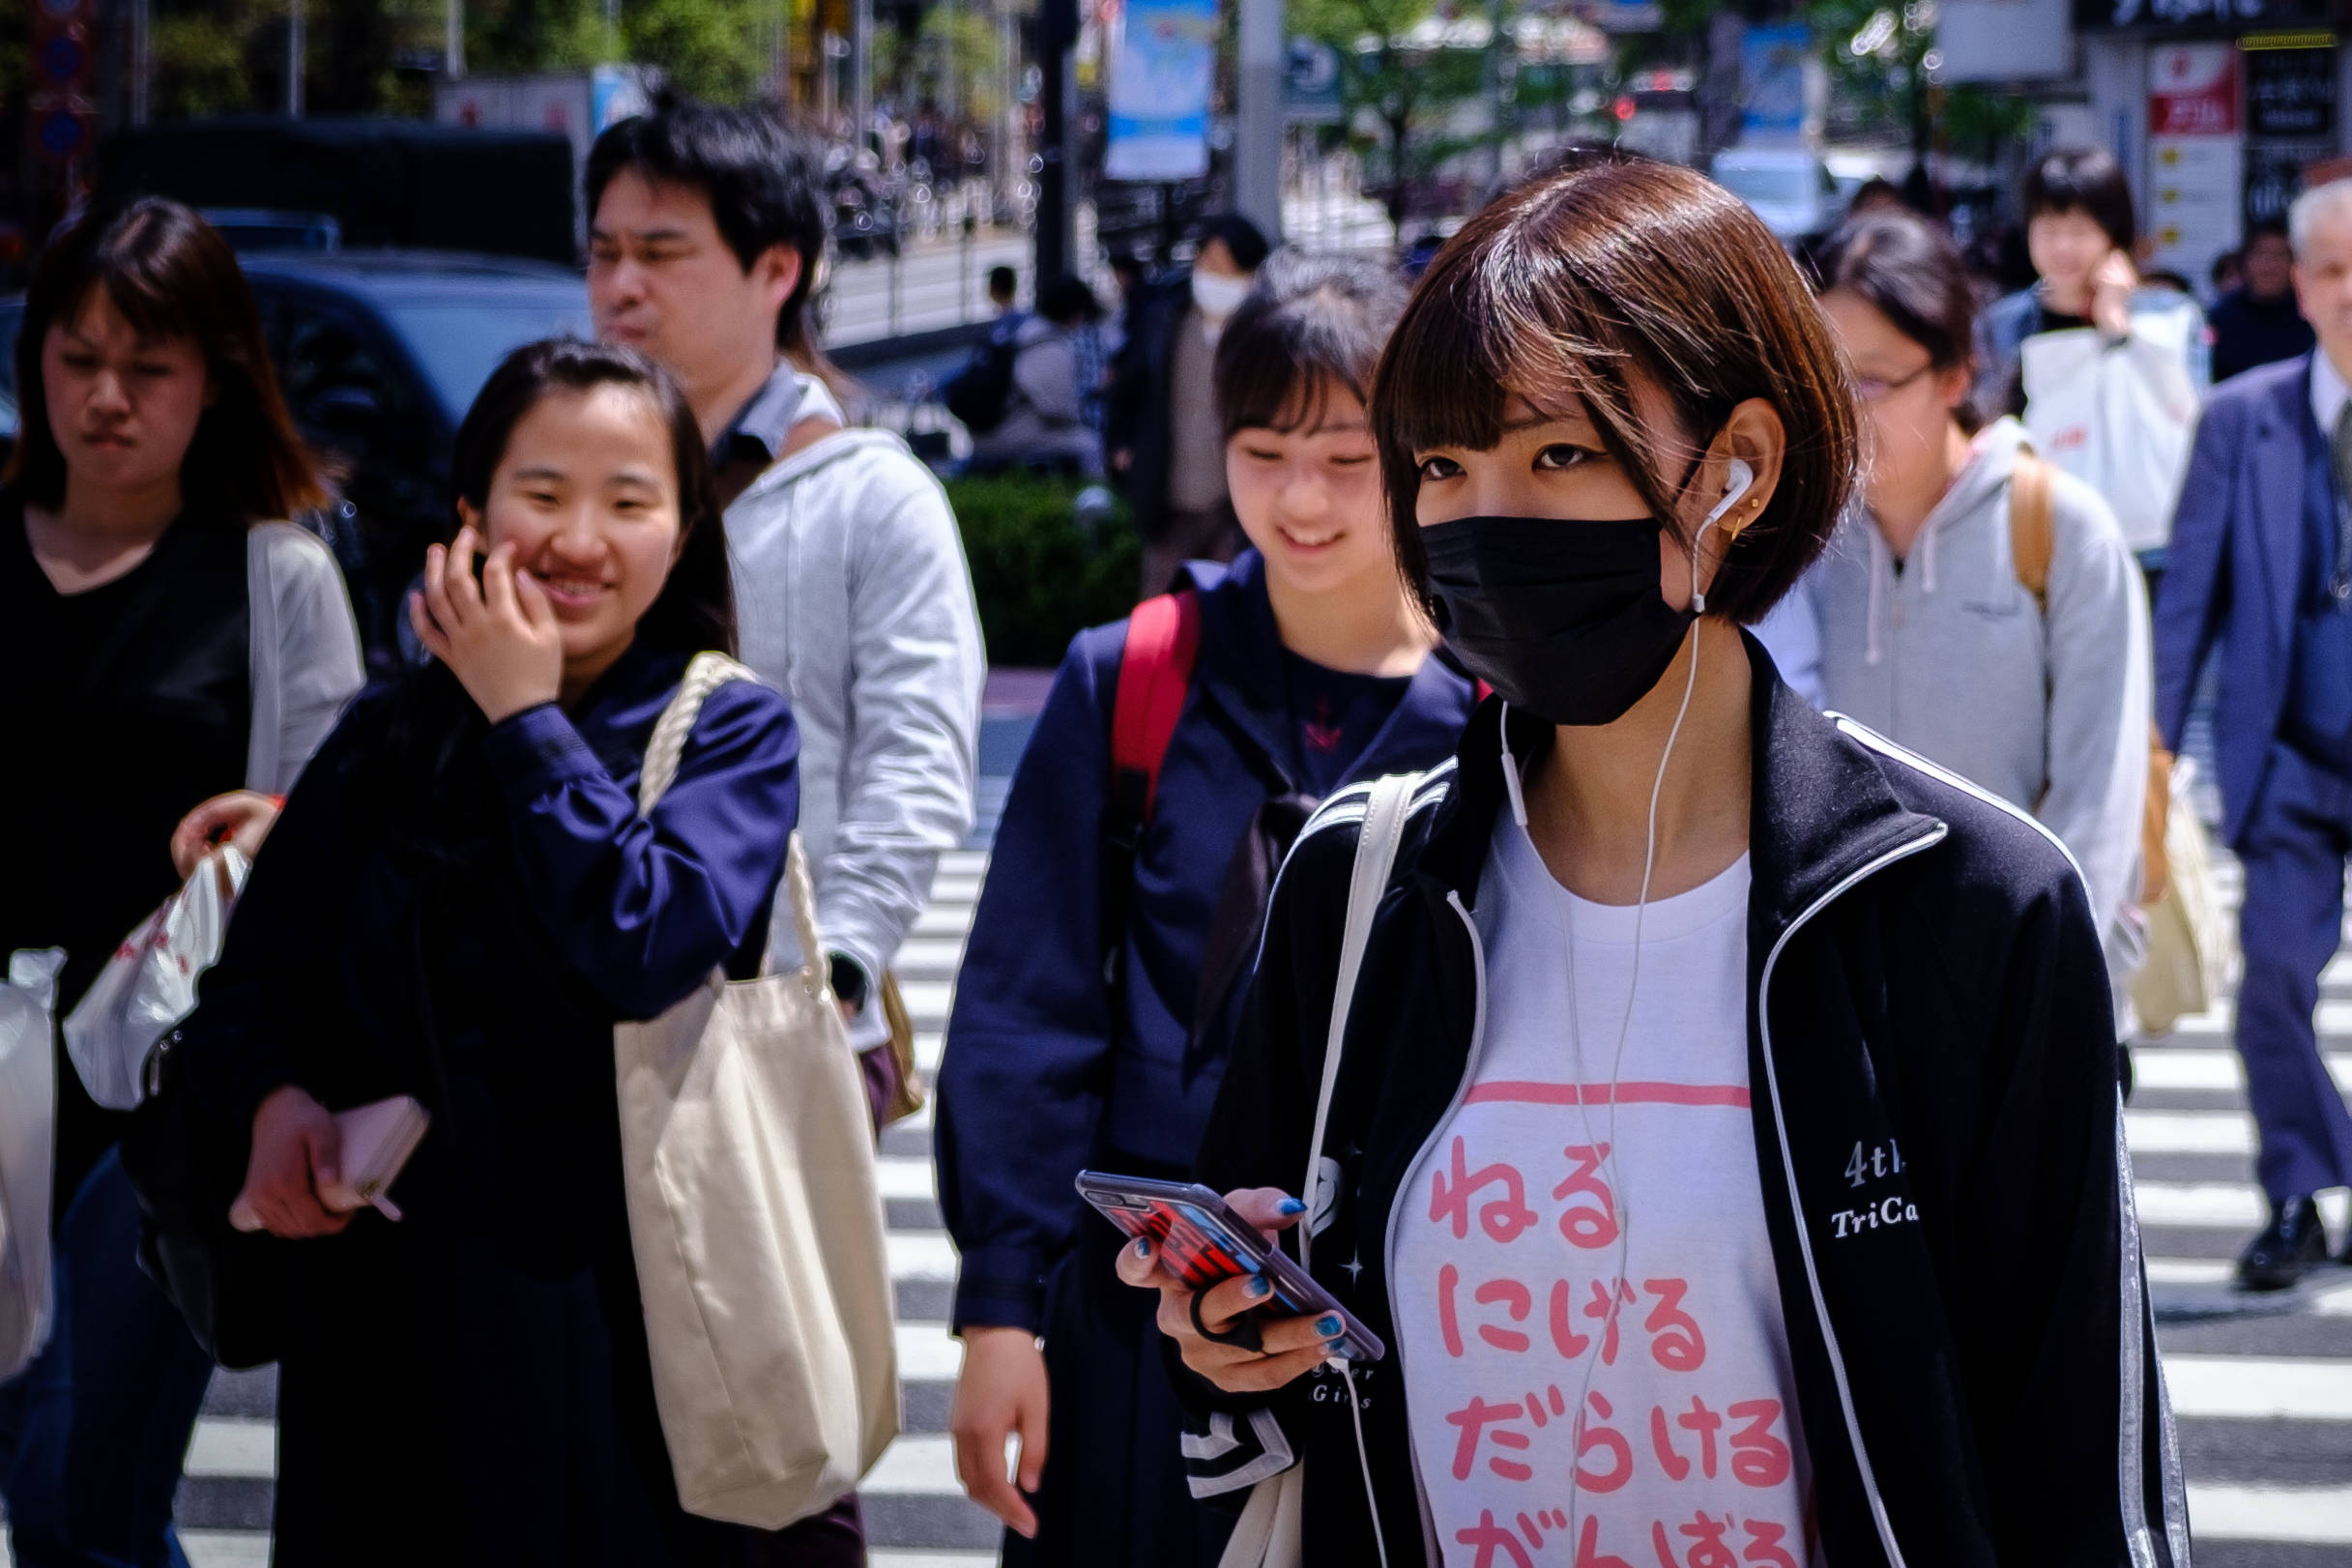 Le marché mondial de la reconnaissance faciale est estimé à 7 milliards de dollars d'ici 2024. ©Florent Guérout